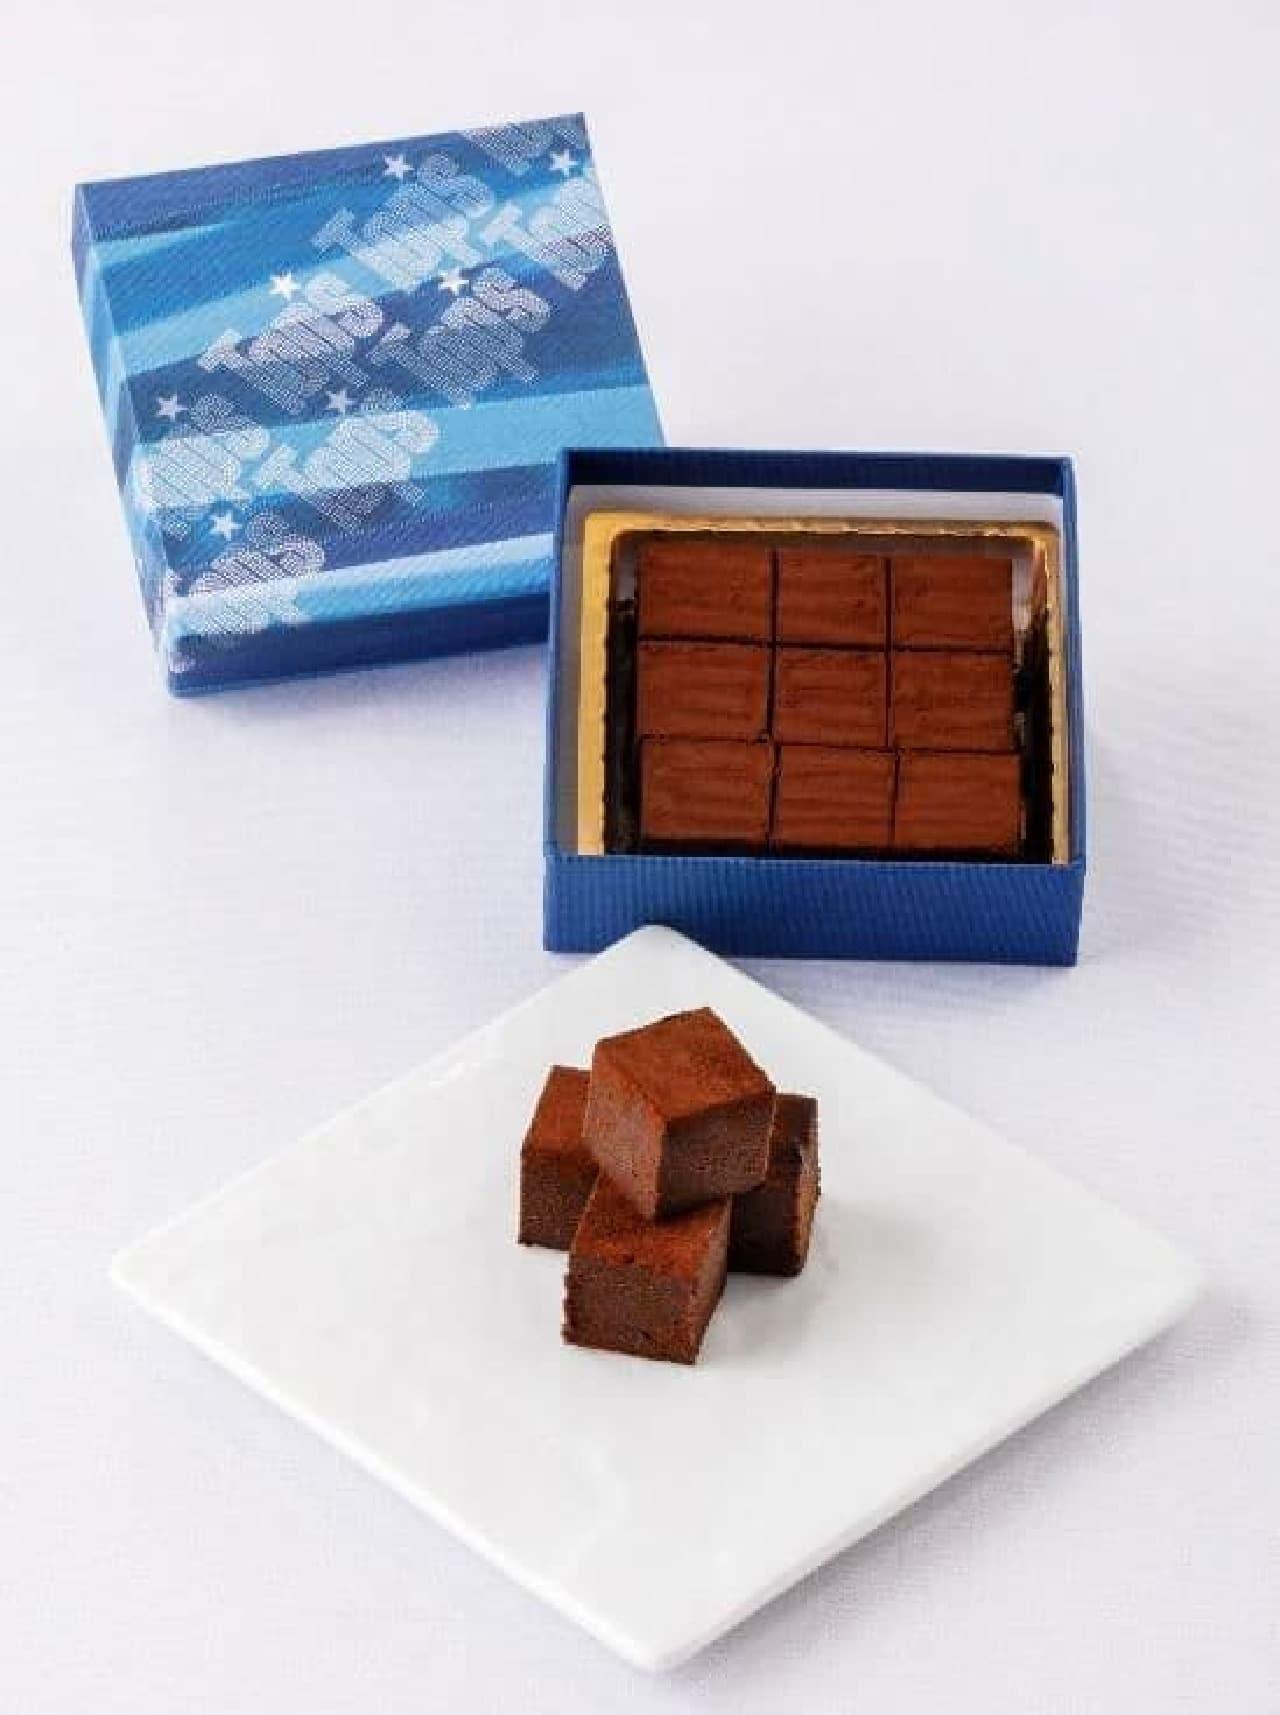 トップス 生チョコレート「パヴェドショコラ」バレンタイン限定パッケージ